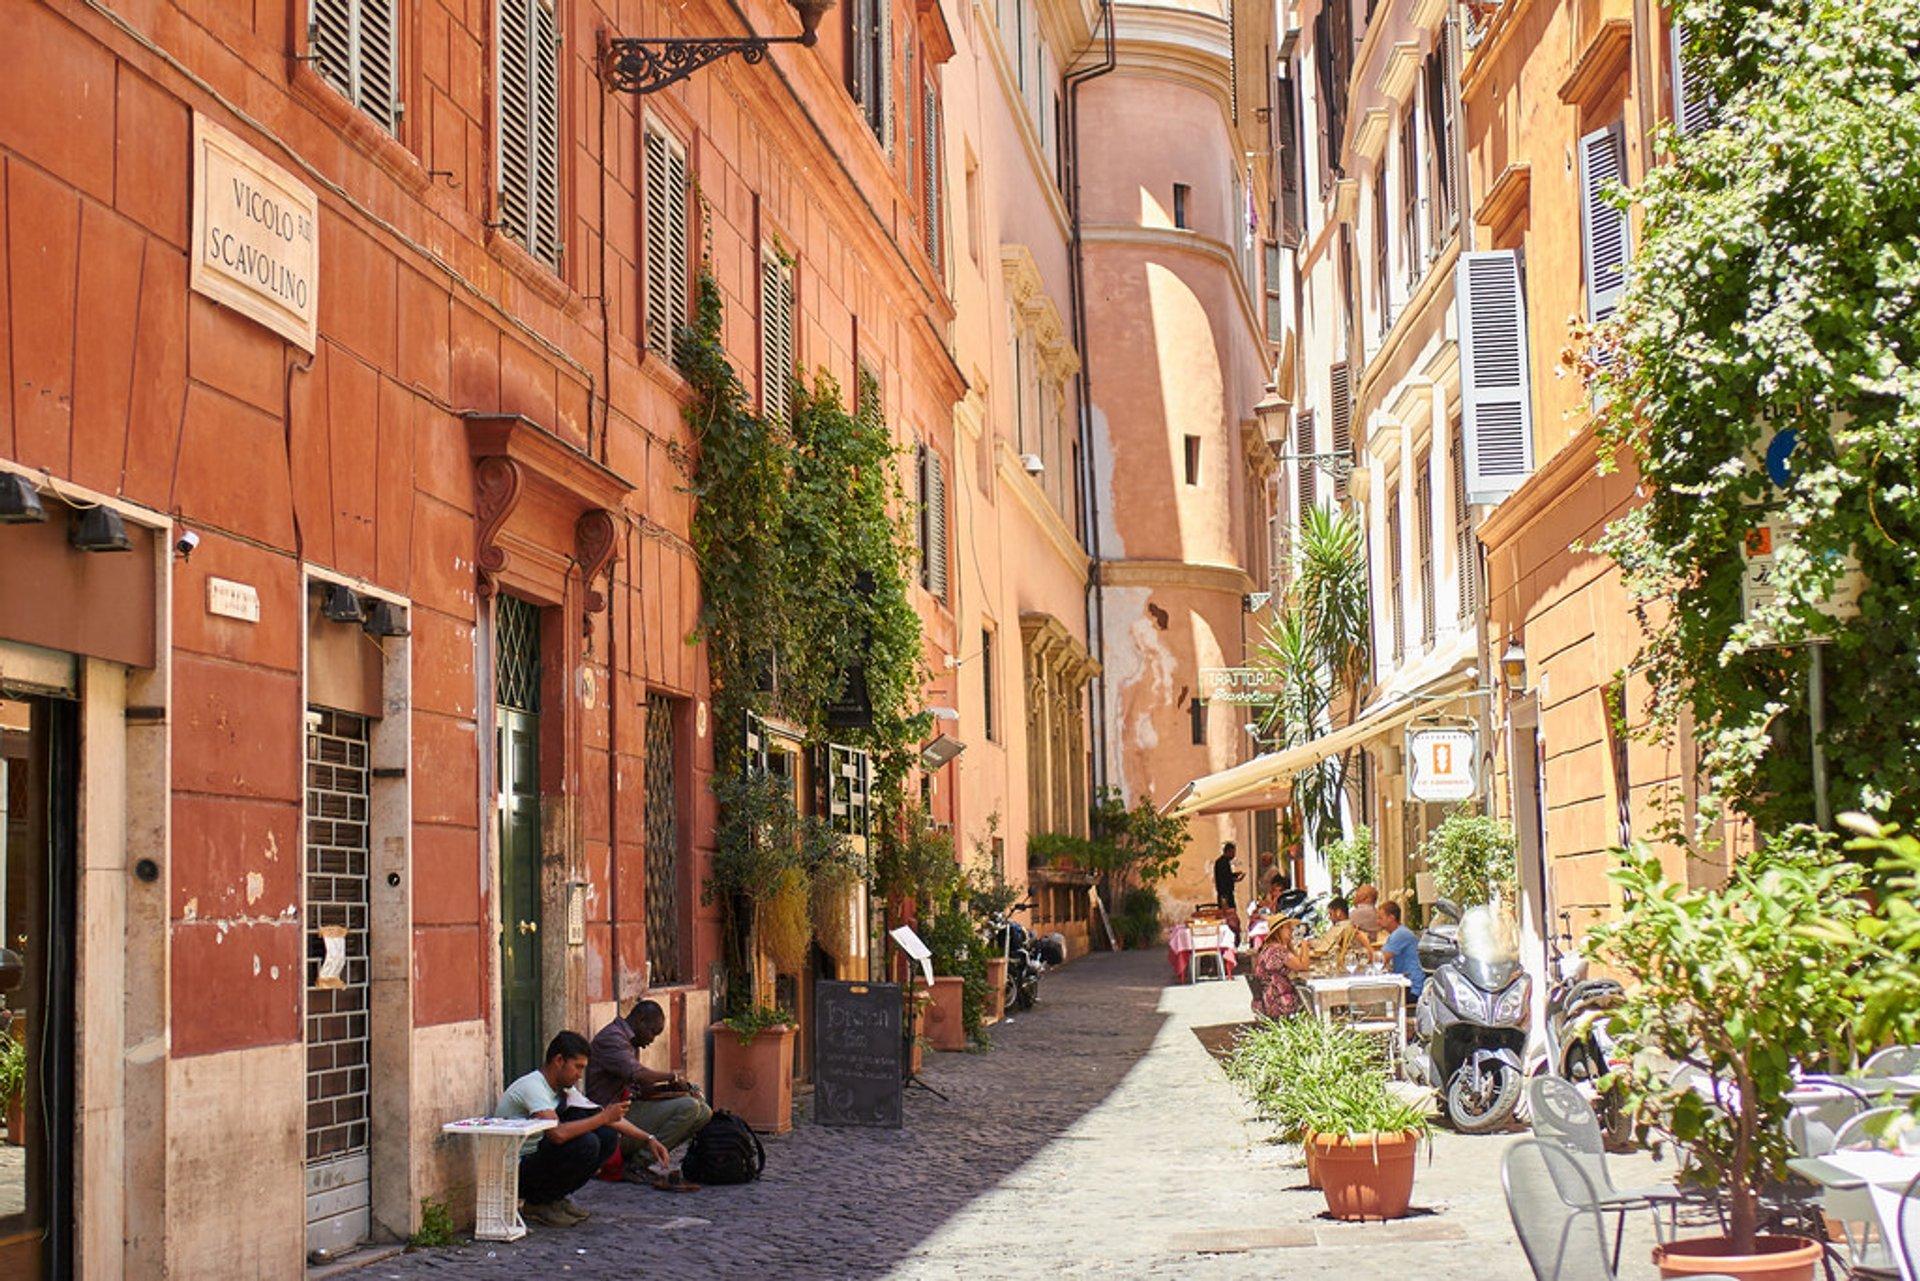 Summer in Rome - Best Season